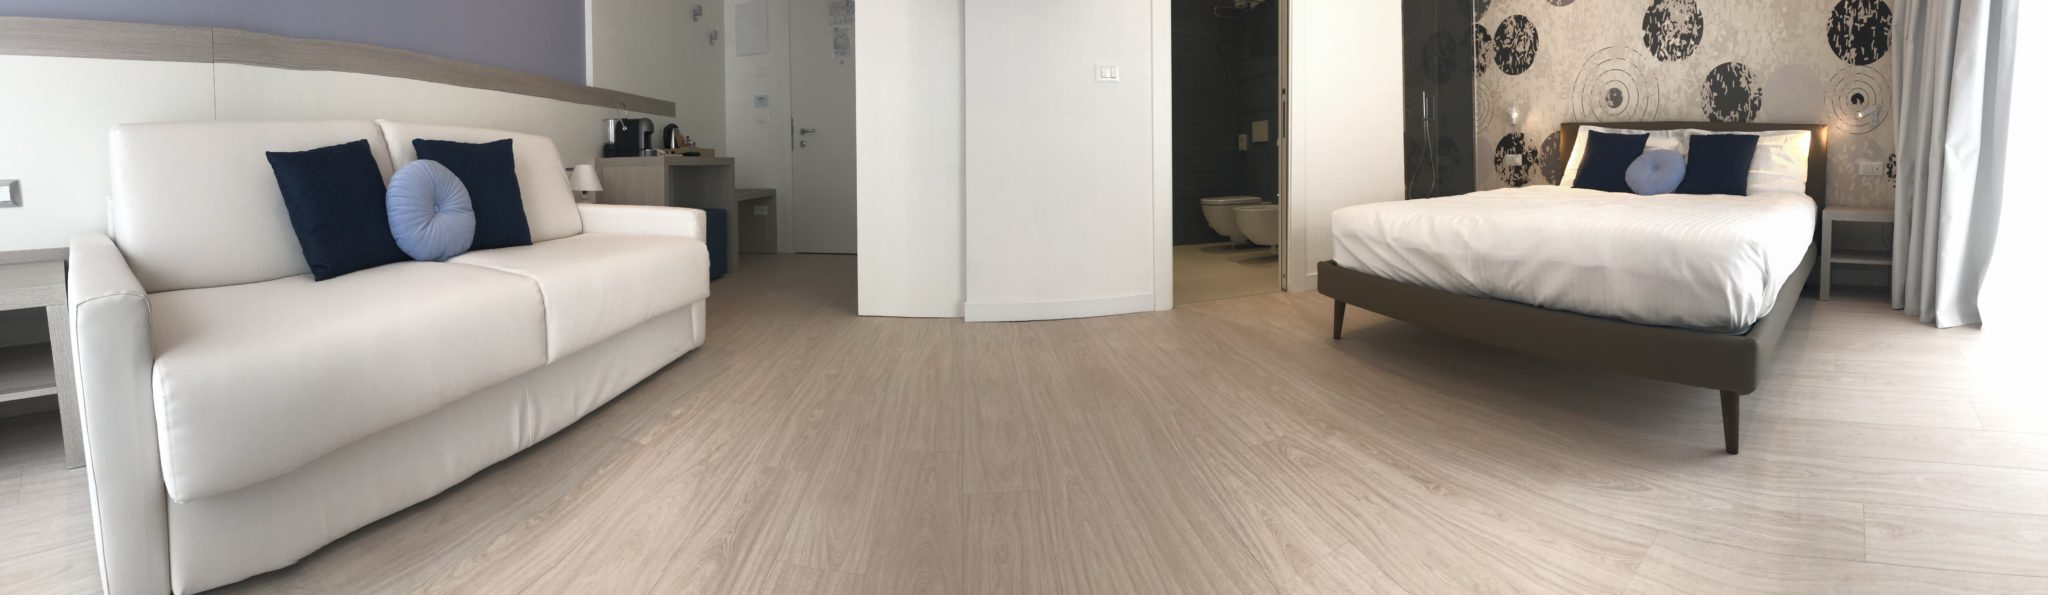 junior suite panoramica 1